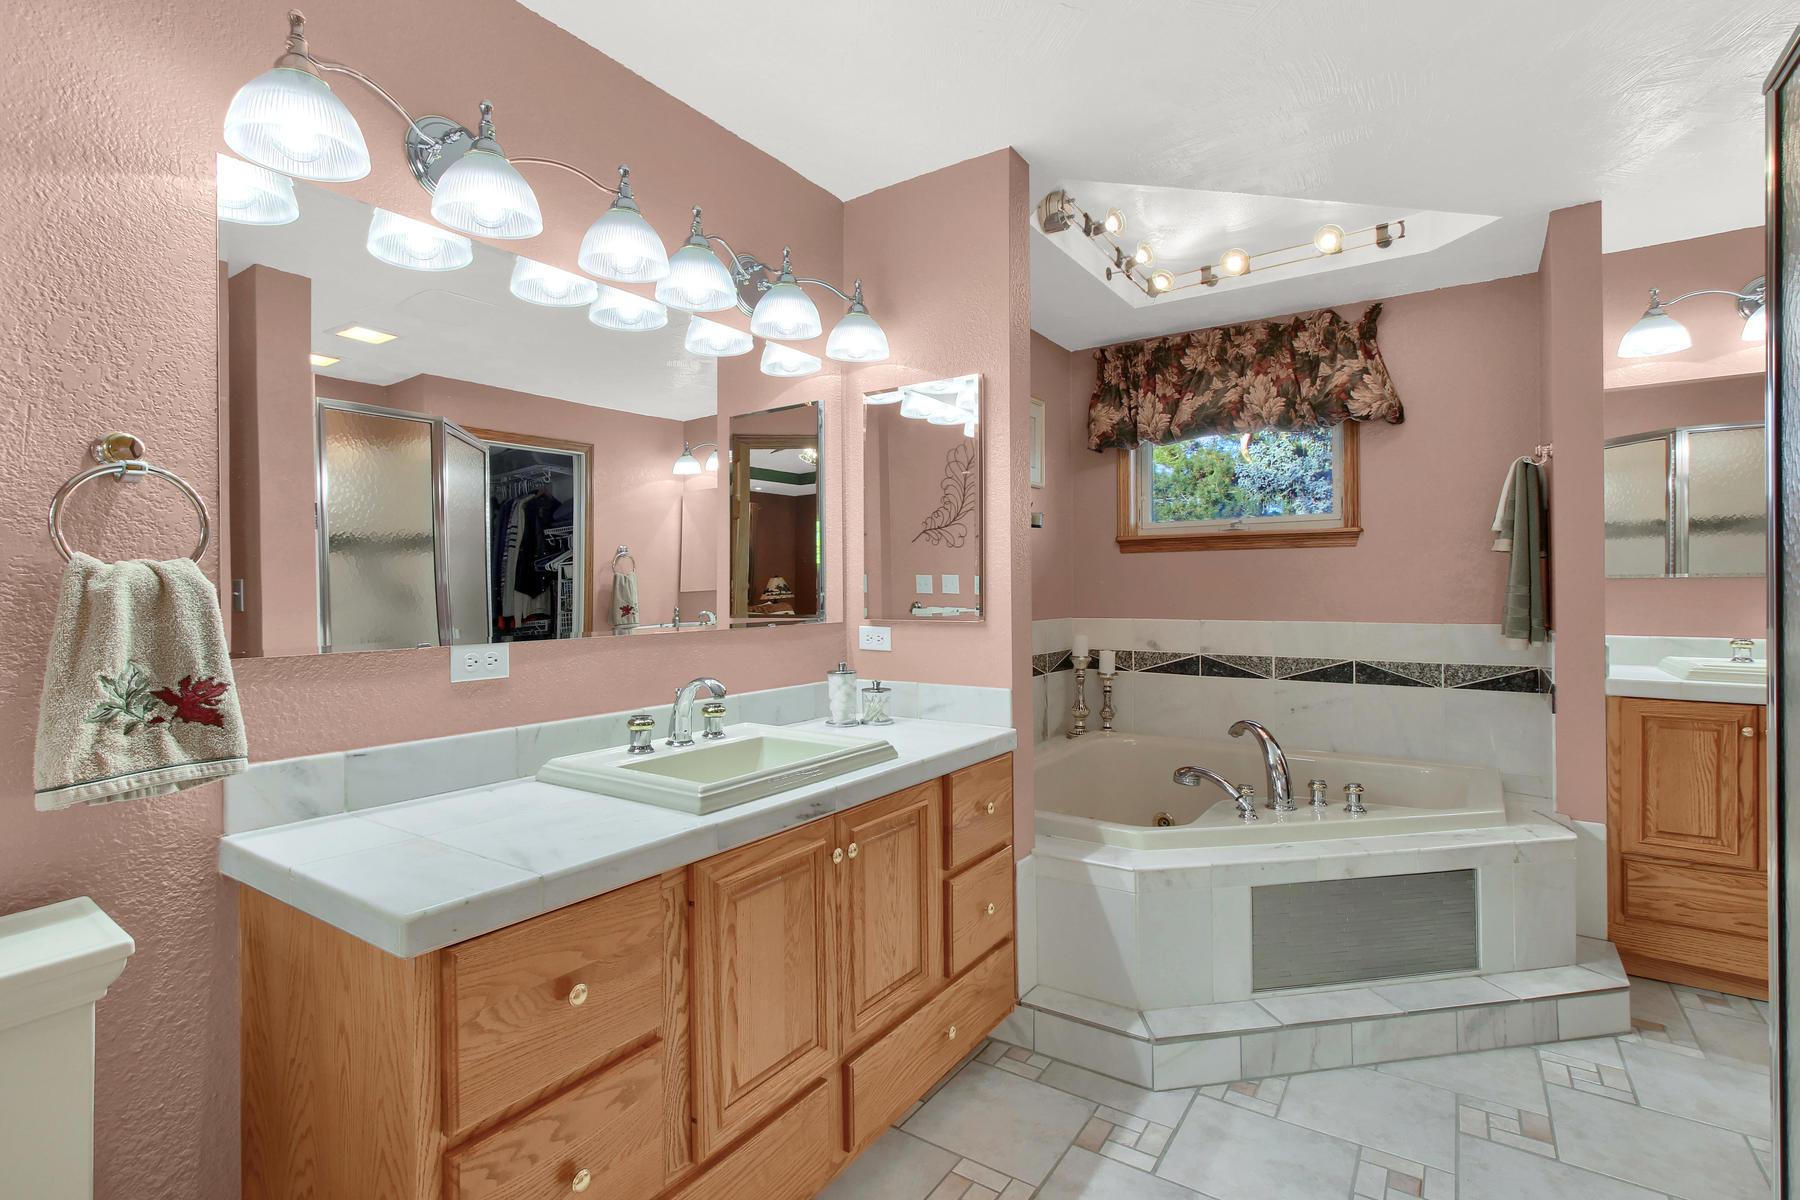 11415 W 76th Way Arvada CO-033-22-Bathroom-MLS_Size.jpg